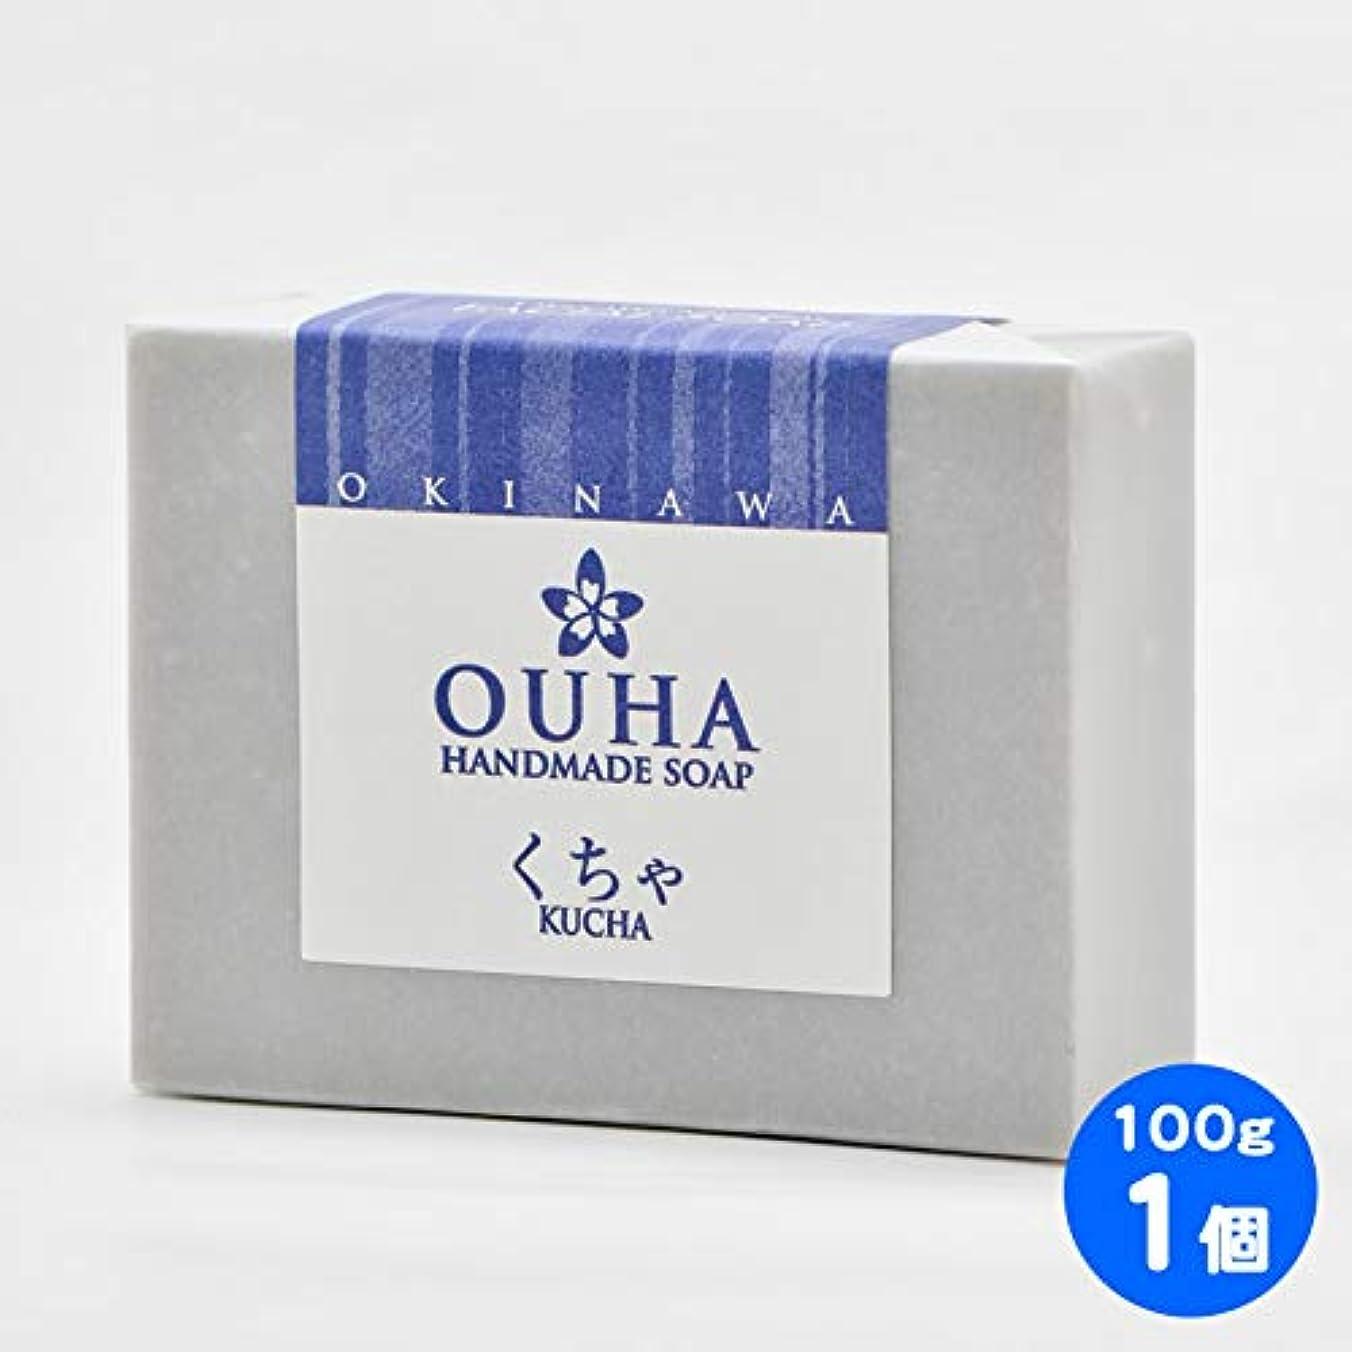 クッション暖炉間【送料無料 定形外郵便】沖縄県産 OUHAソープ くちゃ 石鹸 100g 1個